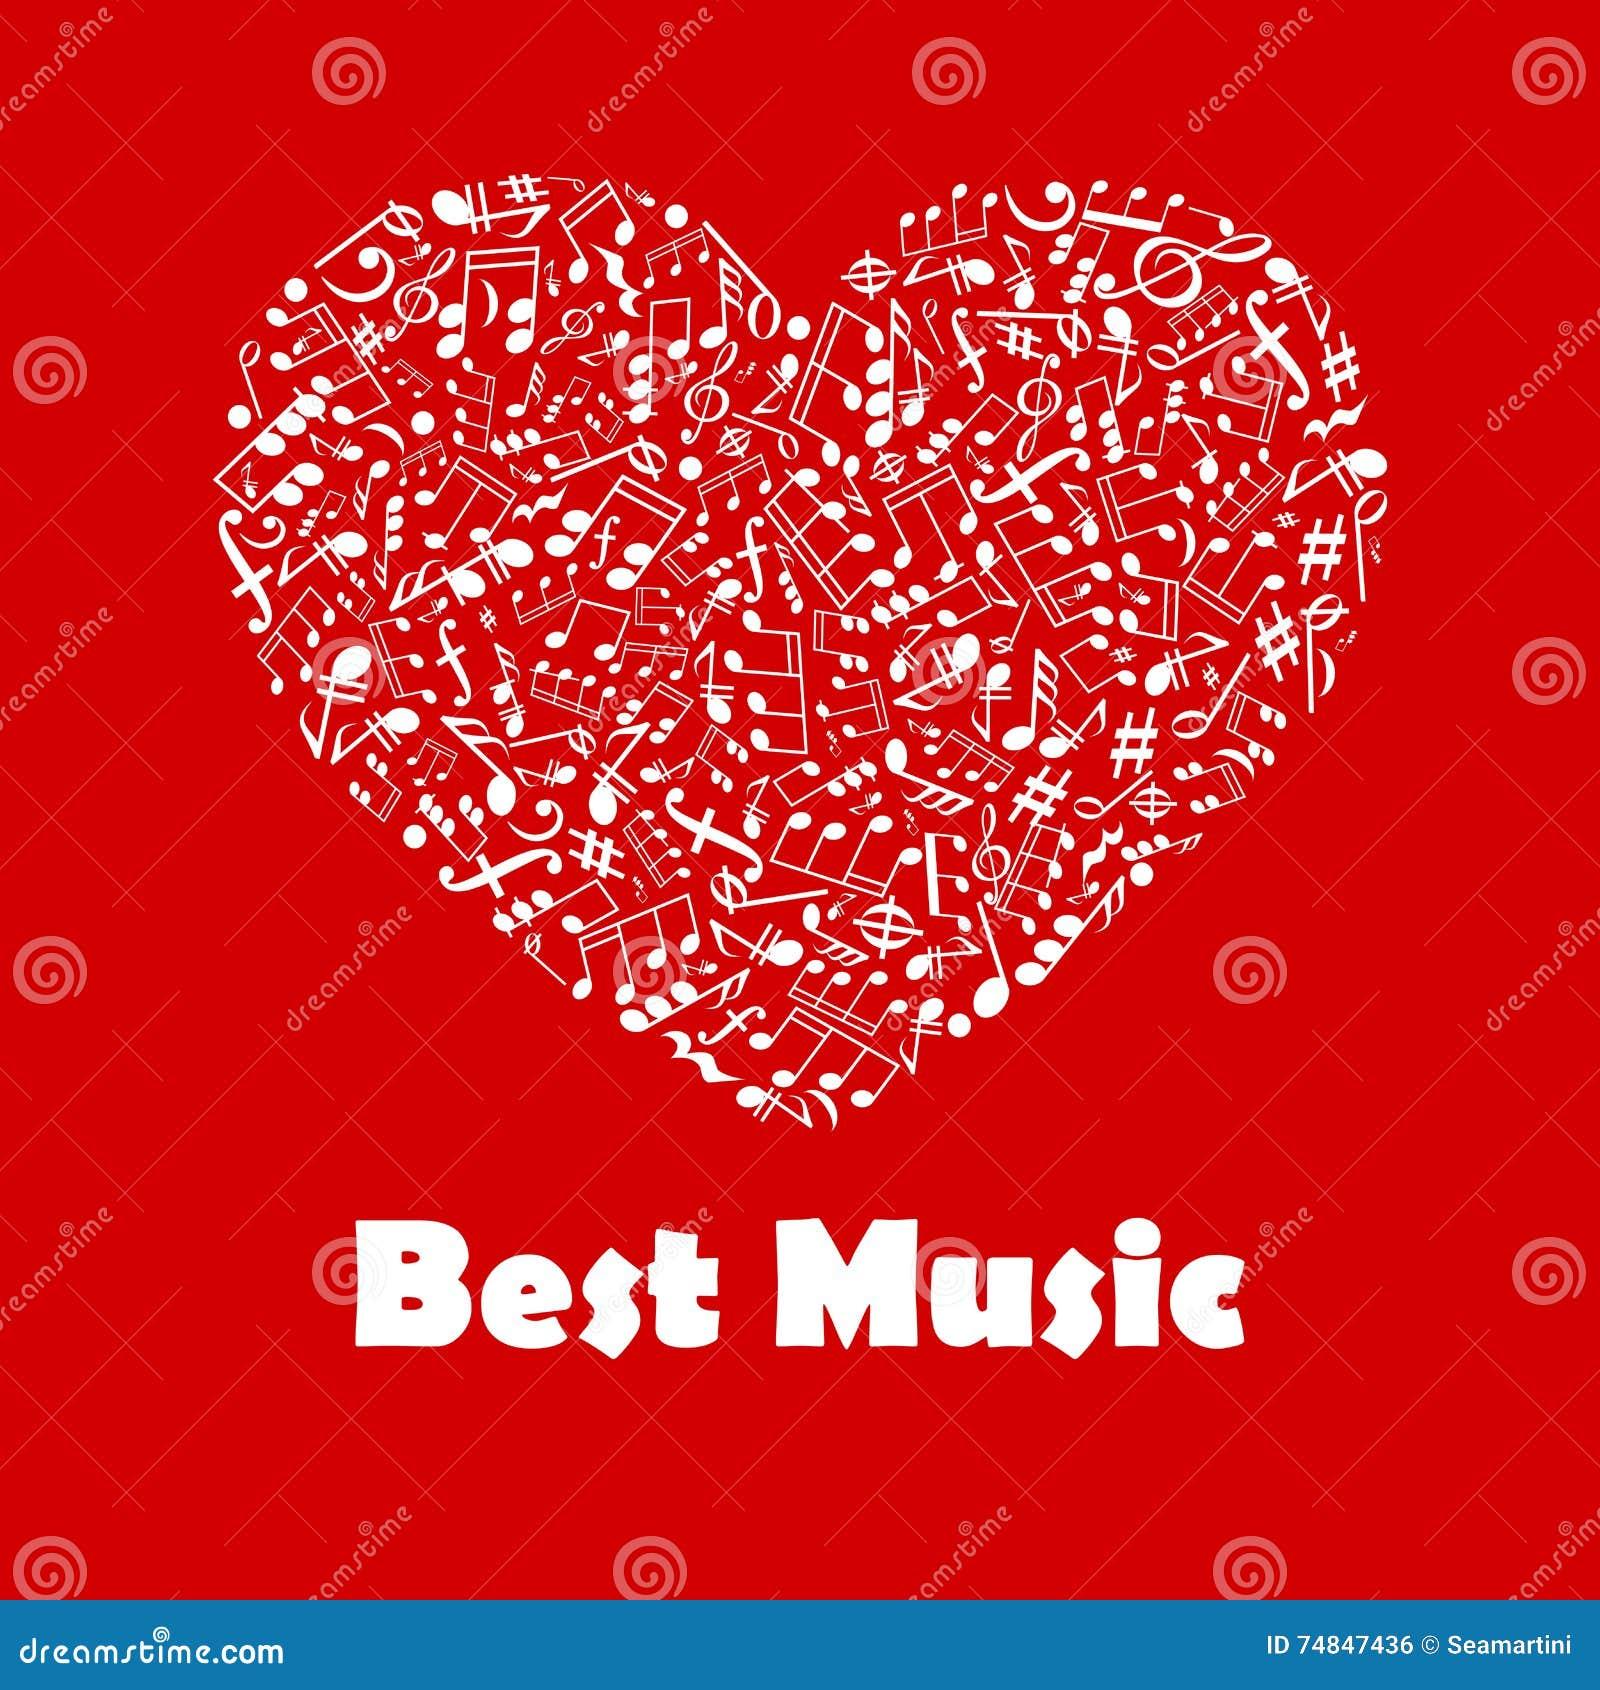 El Mejor Cartel De La Música Con Las Notas Musicales De La Forma Del